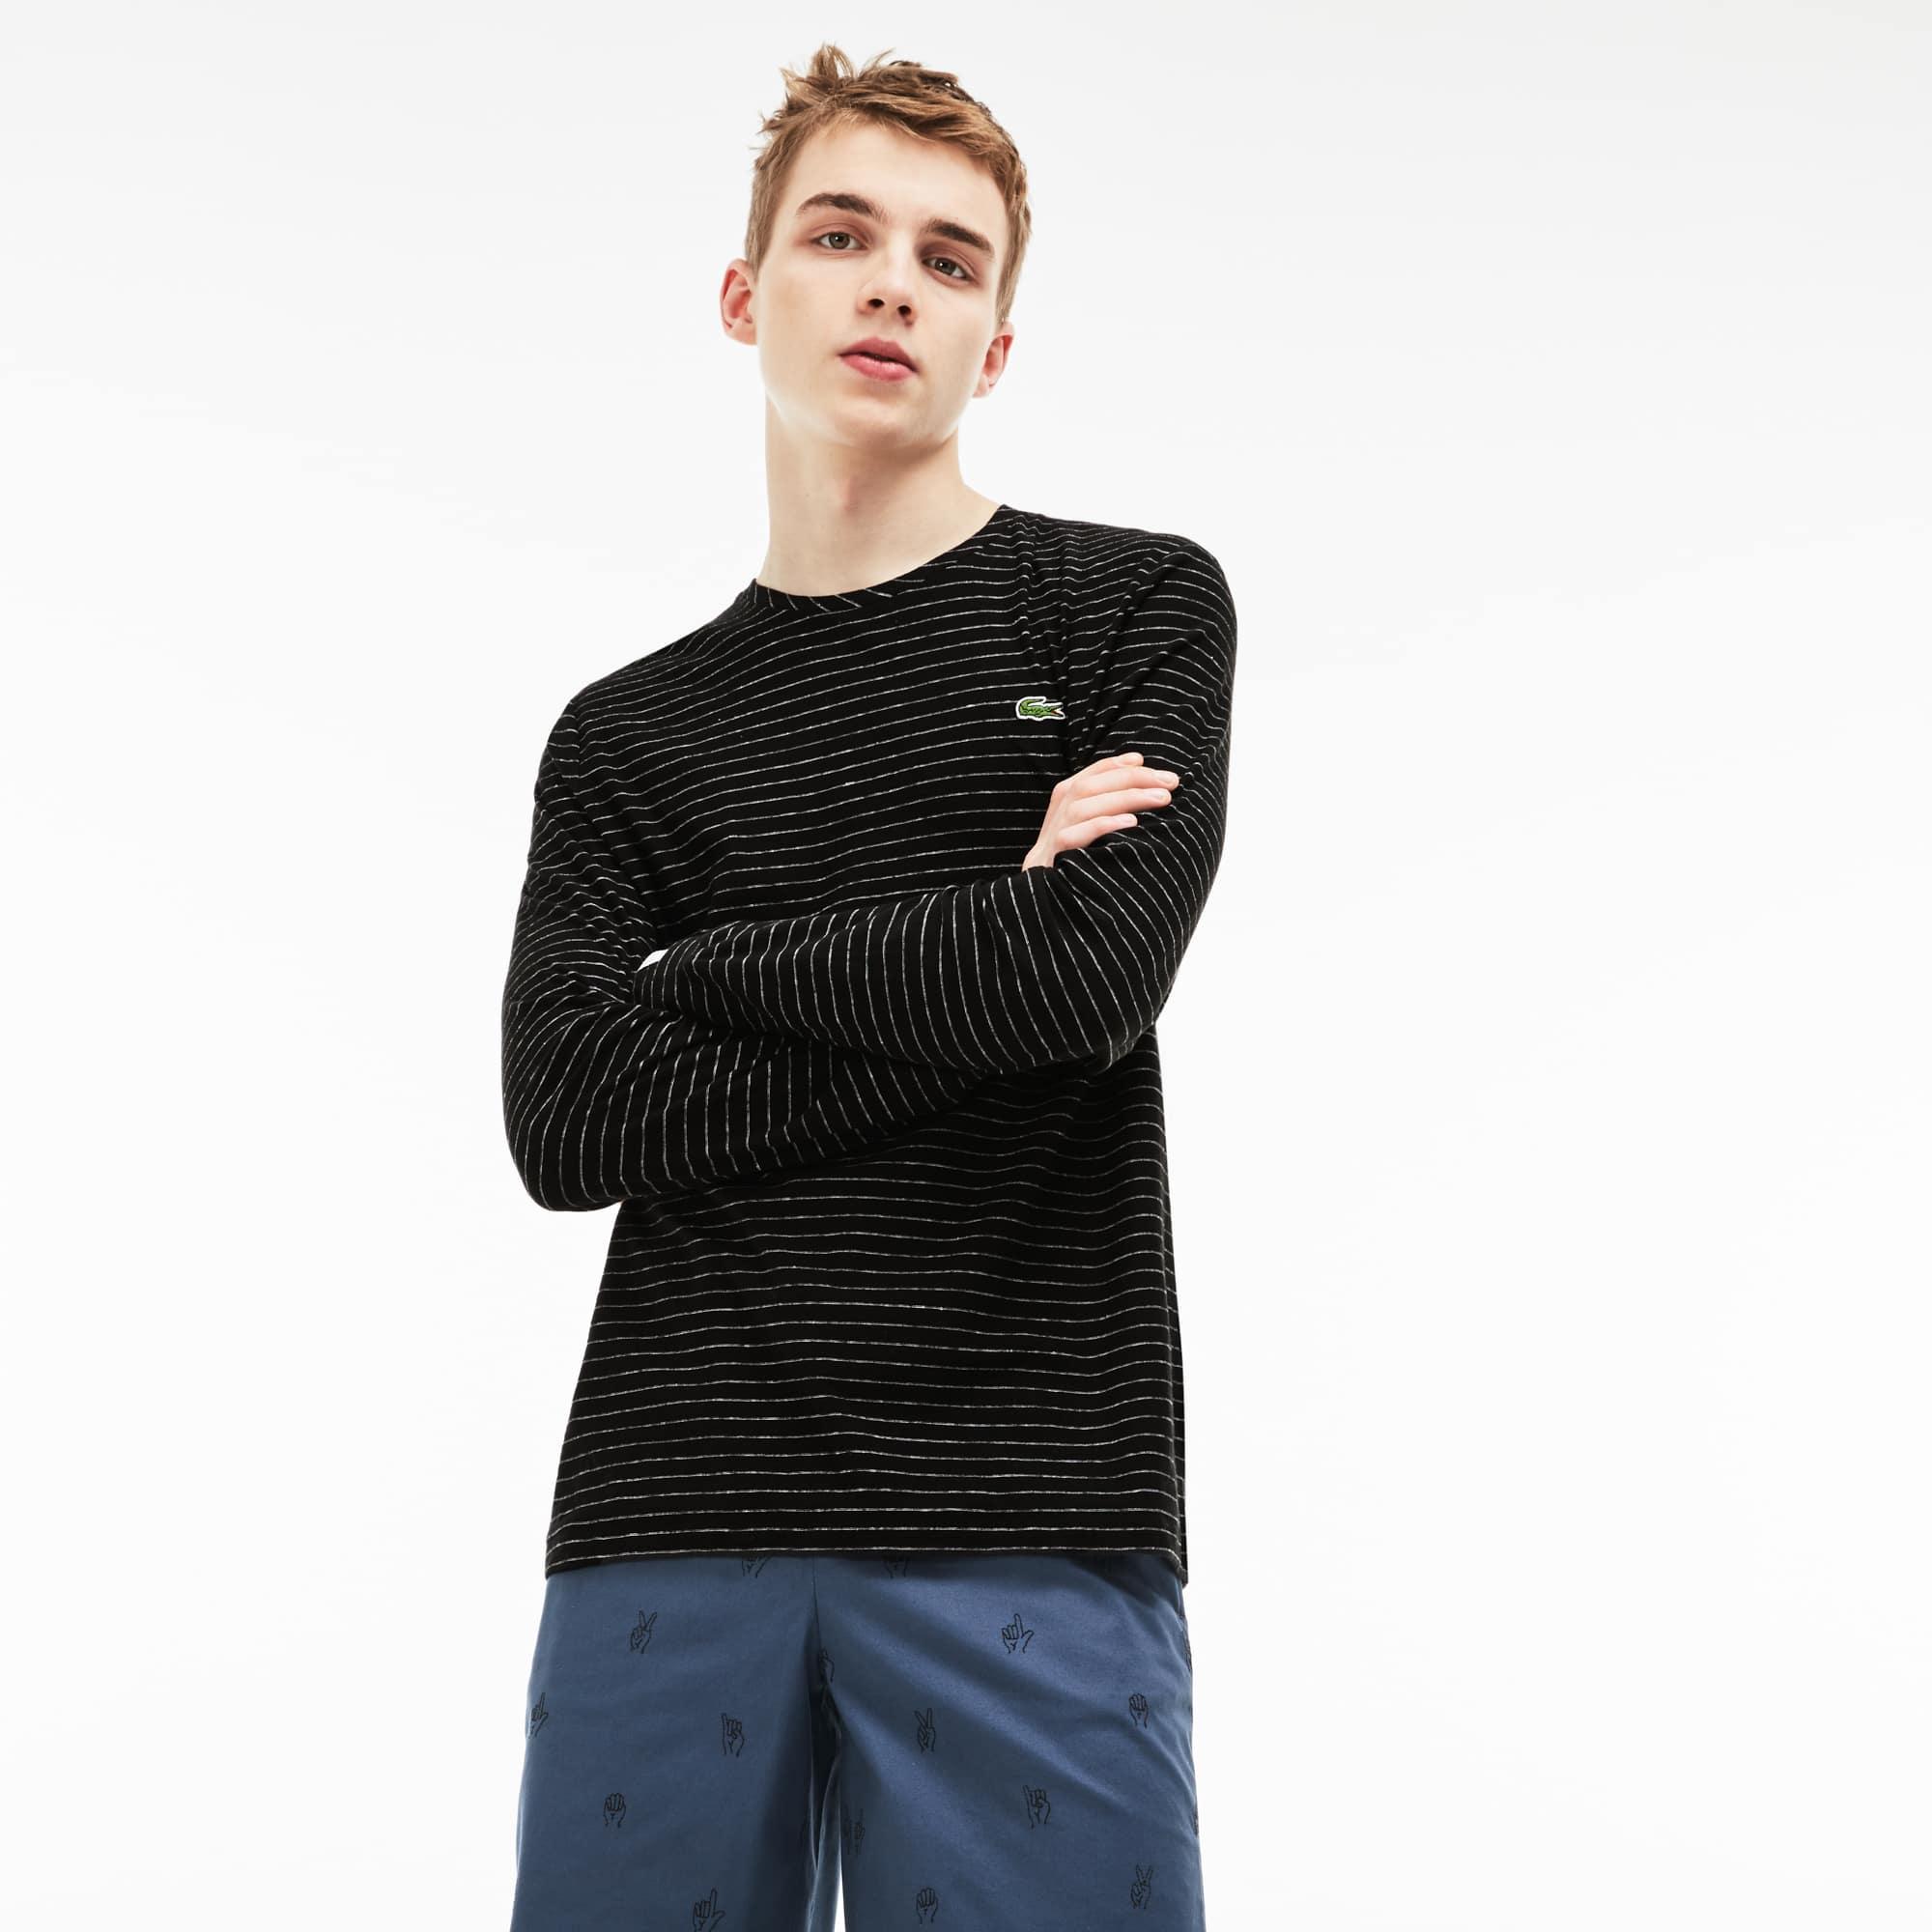 Camiseta de manga larga Lacoste LIVE de punto jersey de algodón y lino de rayas